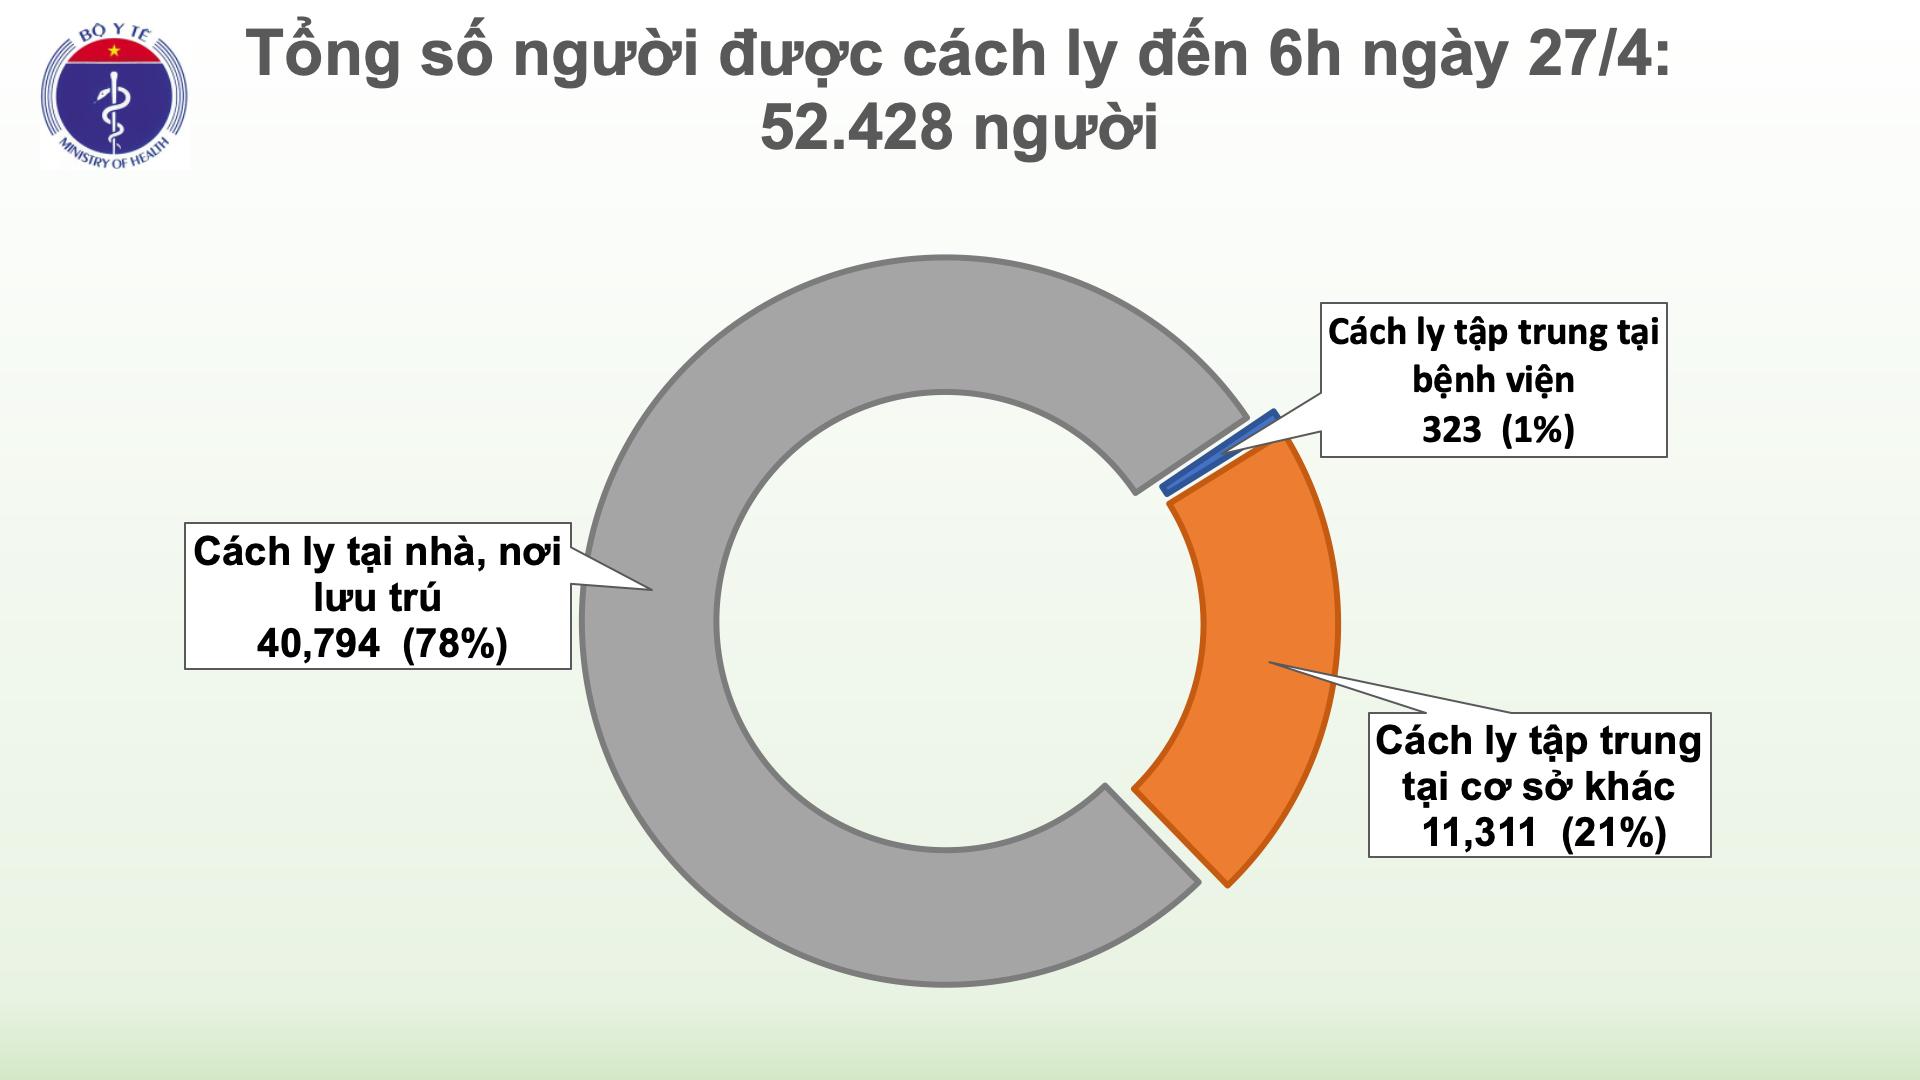 Sáng 27/4, Việt Nam đã sang ngày thứ 11 không có ca mắc mới COVID-19 trong cộng đồng - Ảnh 1